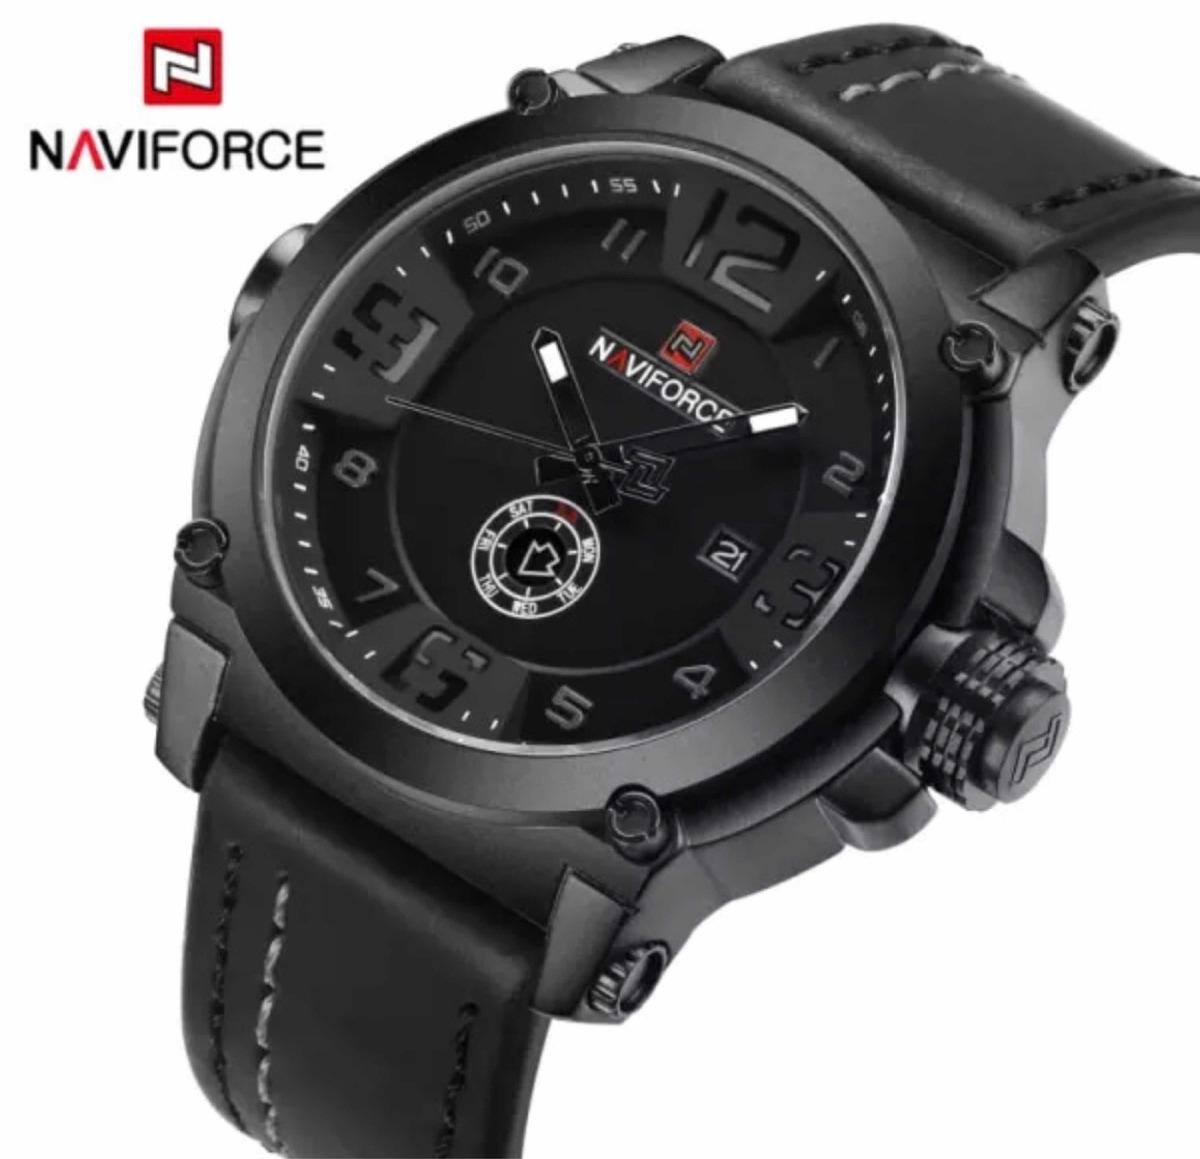 ae5bd09cbf8 Relógio Masculino Militar Esportivo - Naviforce Original - R  144